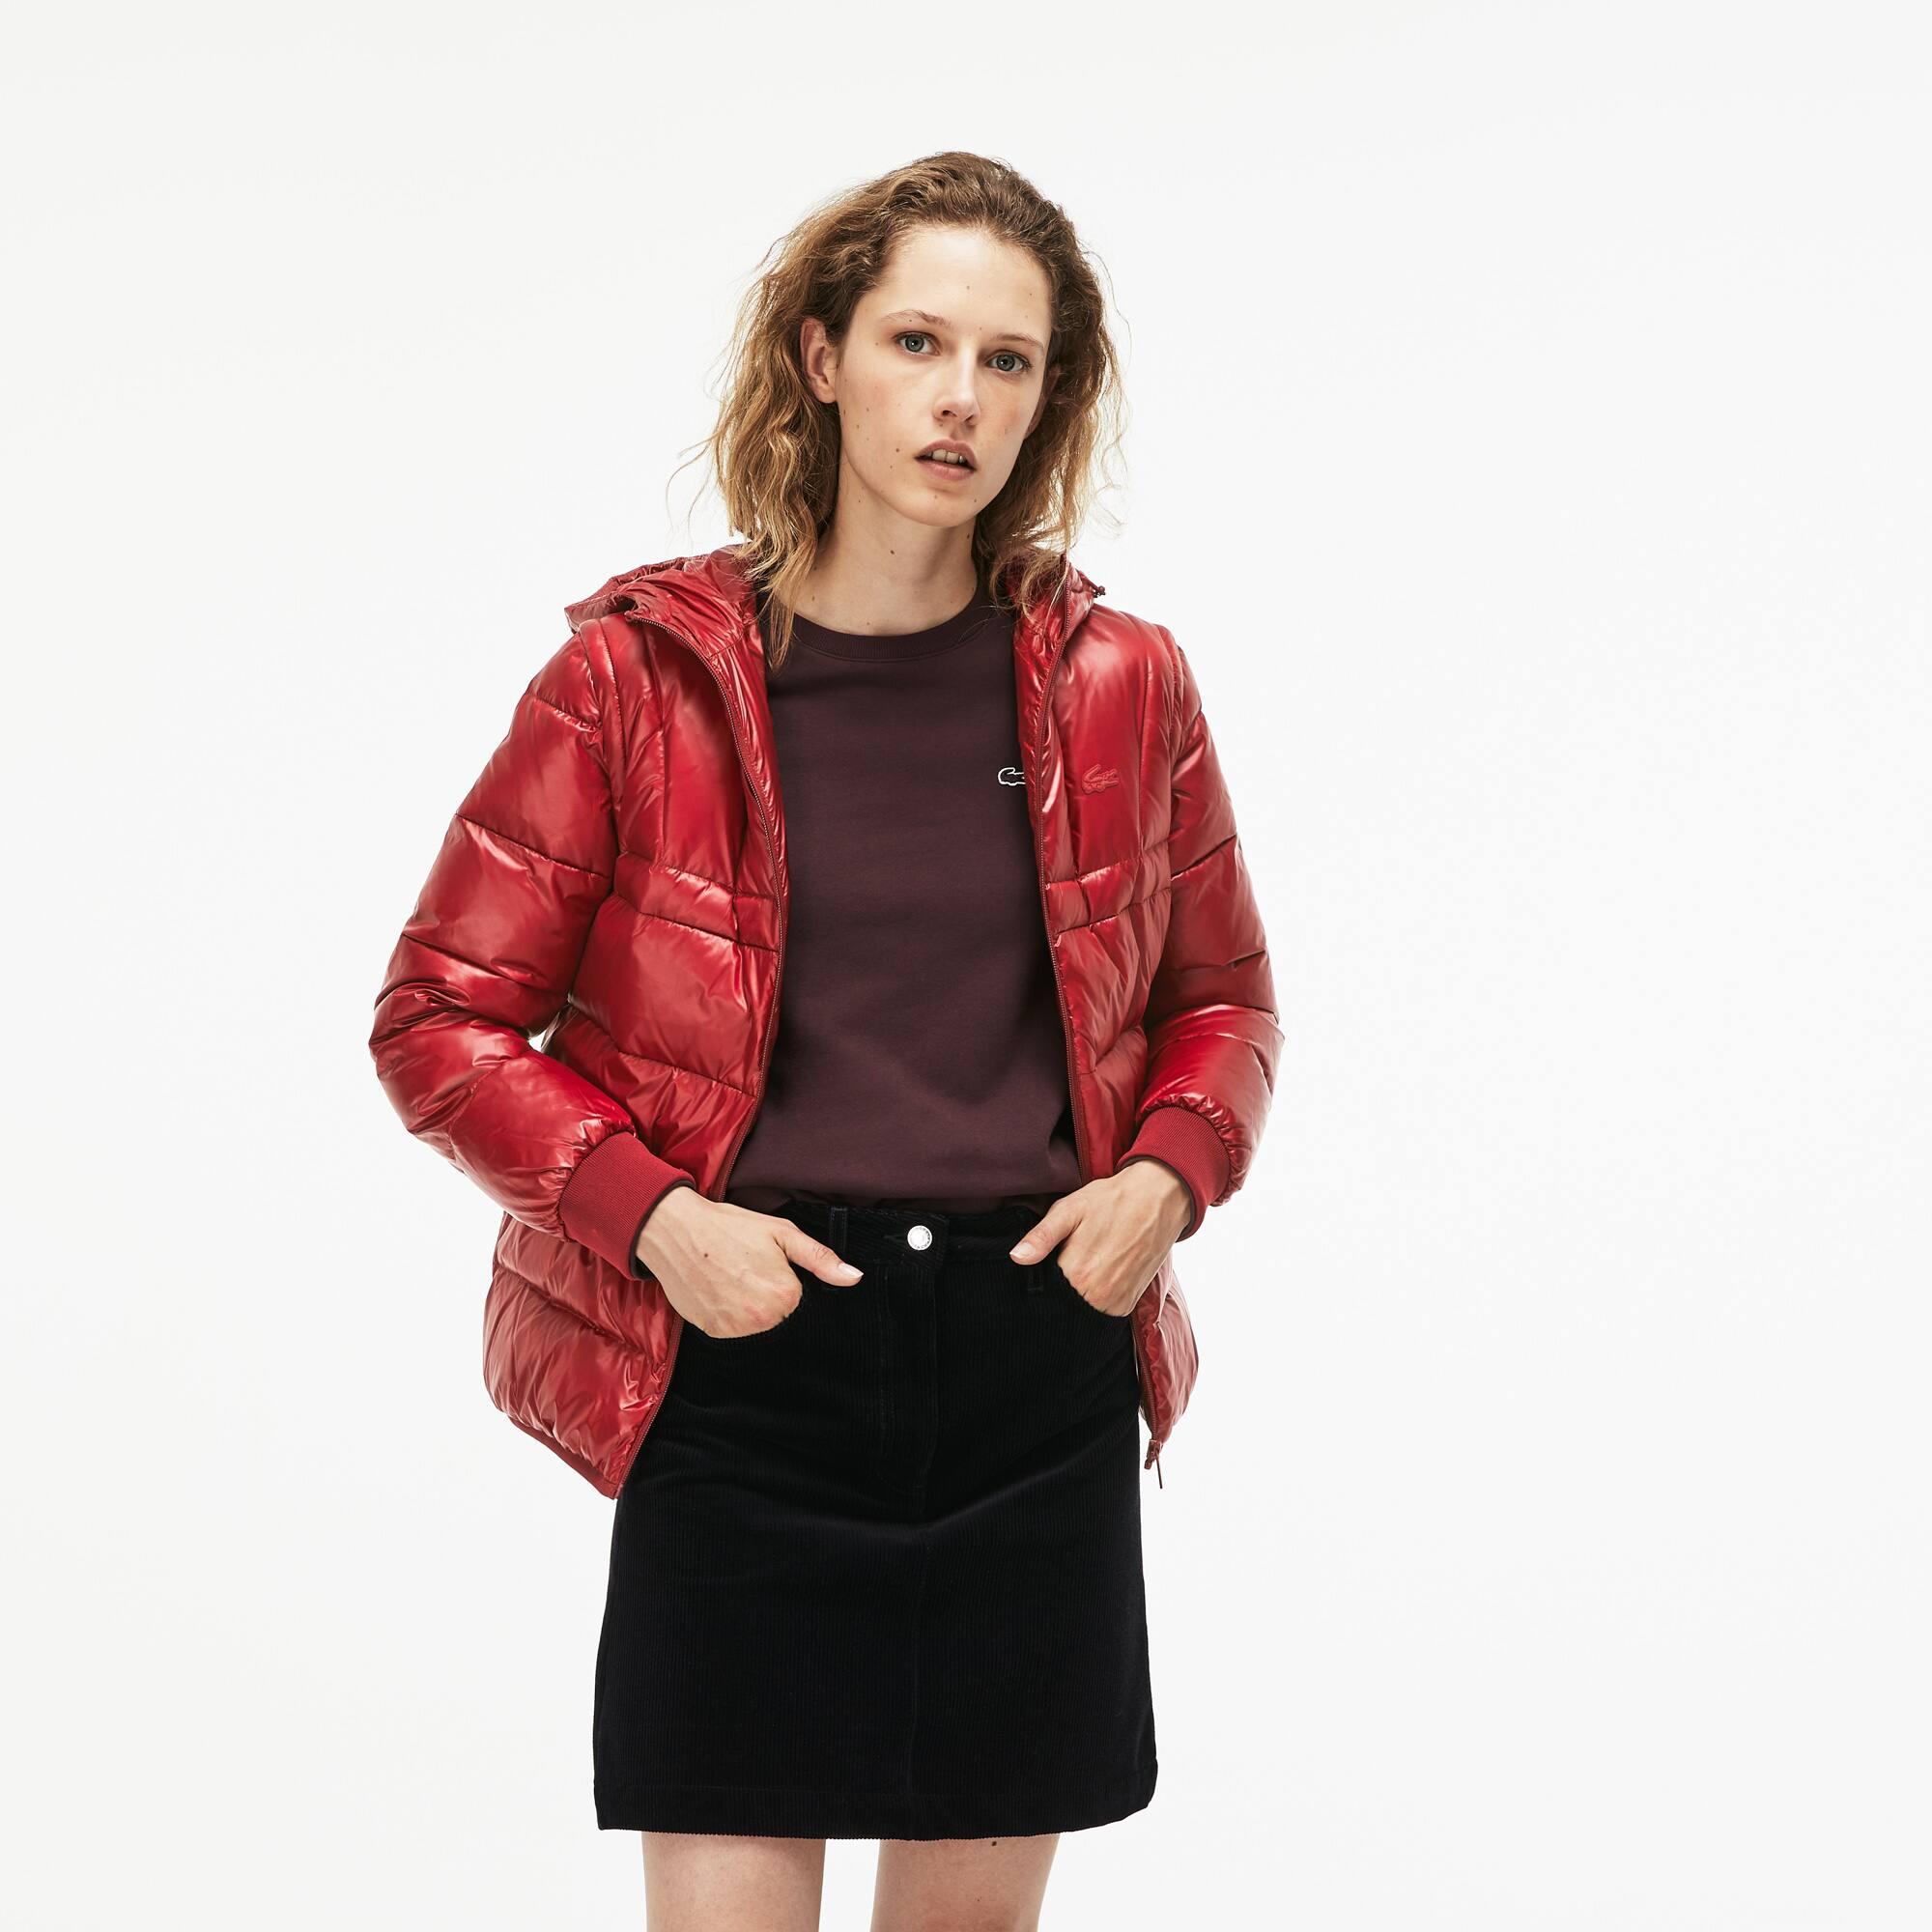 3677313f8f Femme Lacoste Vêtements amp; Manteaux Blousons qwHZZP